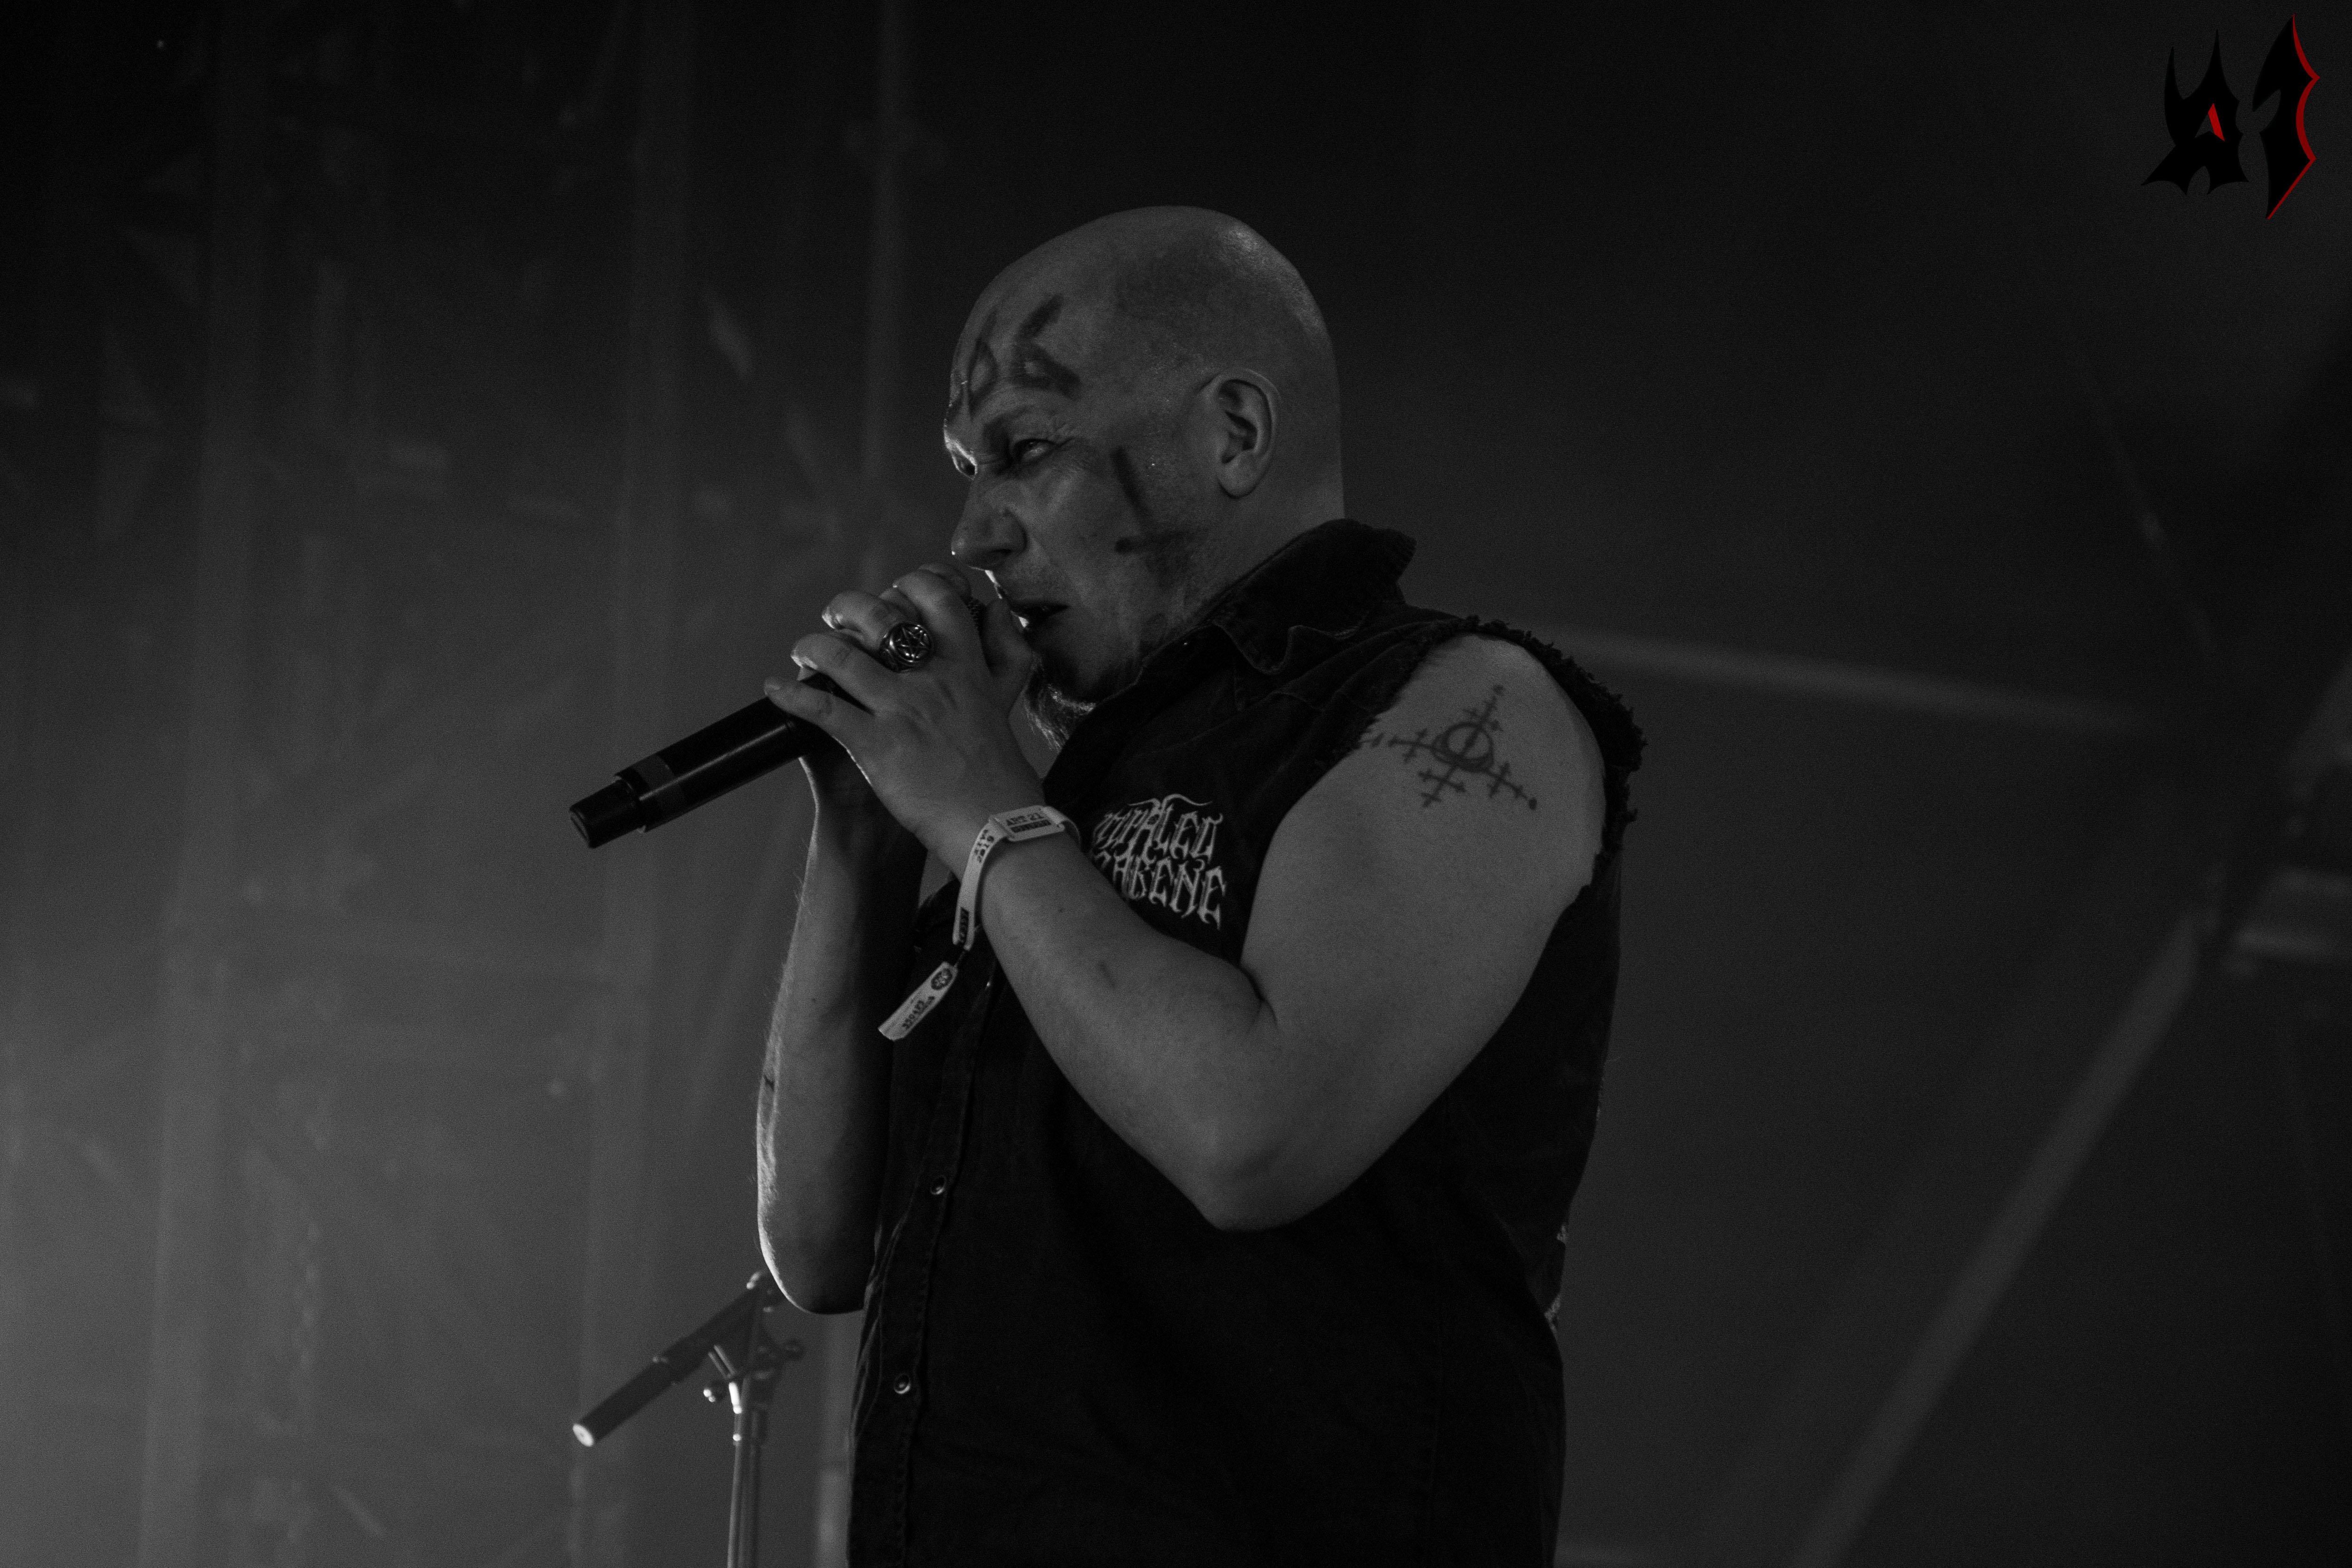 Hellfest - Impaled Nazarene - 7